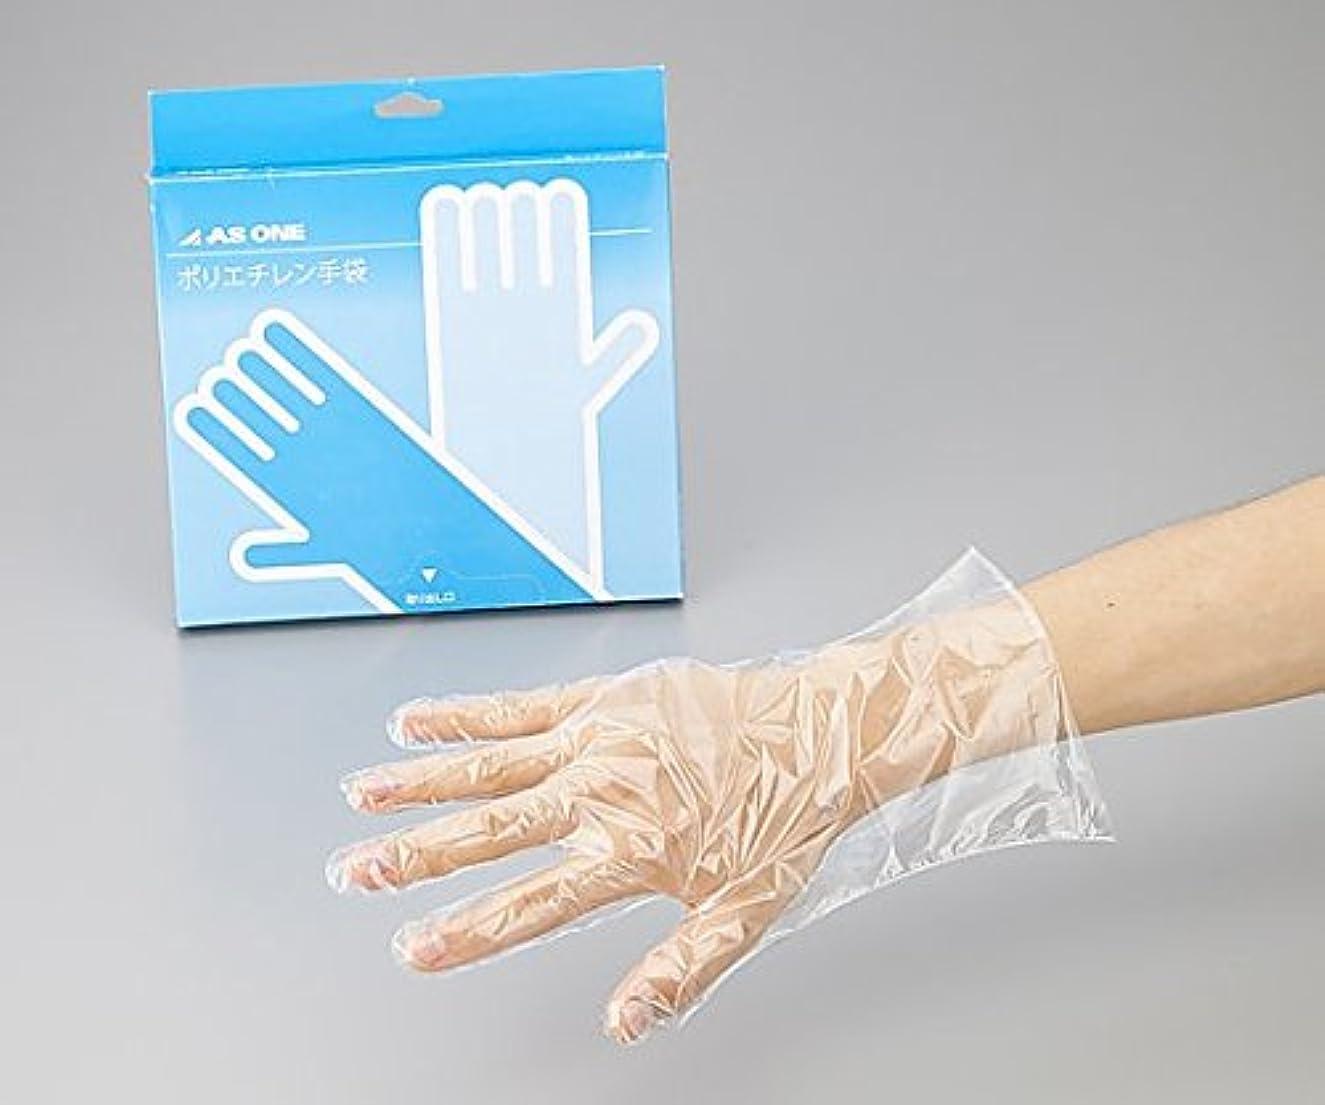 ストッキングエミュレーション兄アズワン2-4973-01ポリエチレン手袋スタンダード標準厚L100枚入